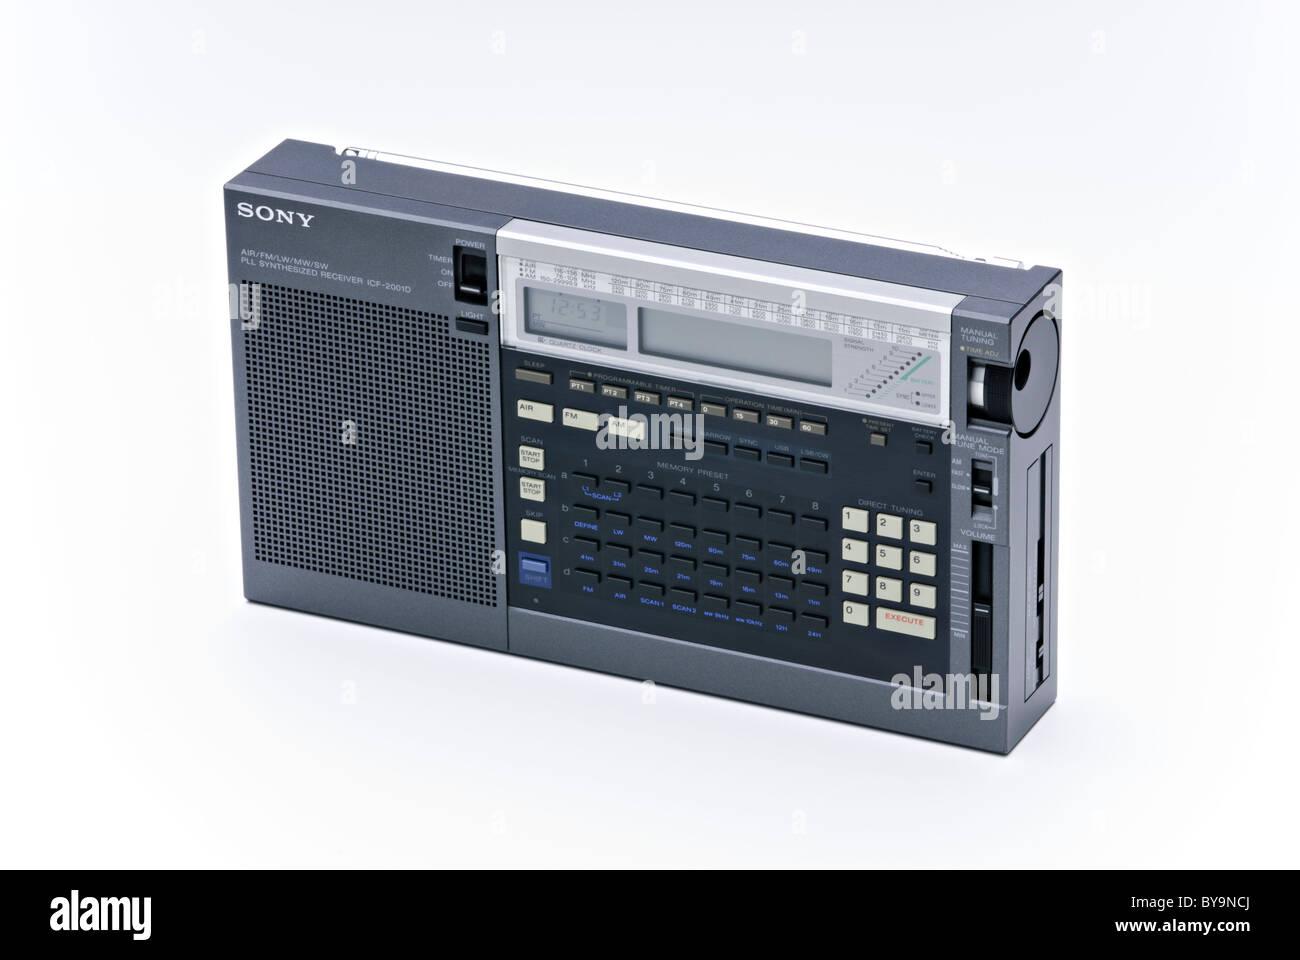 1985 Radio Sony ICF-2001D - Stock Image